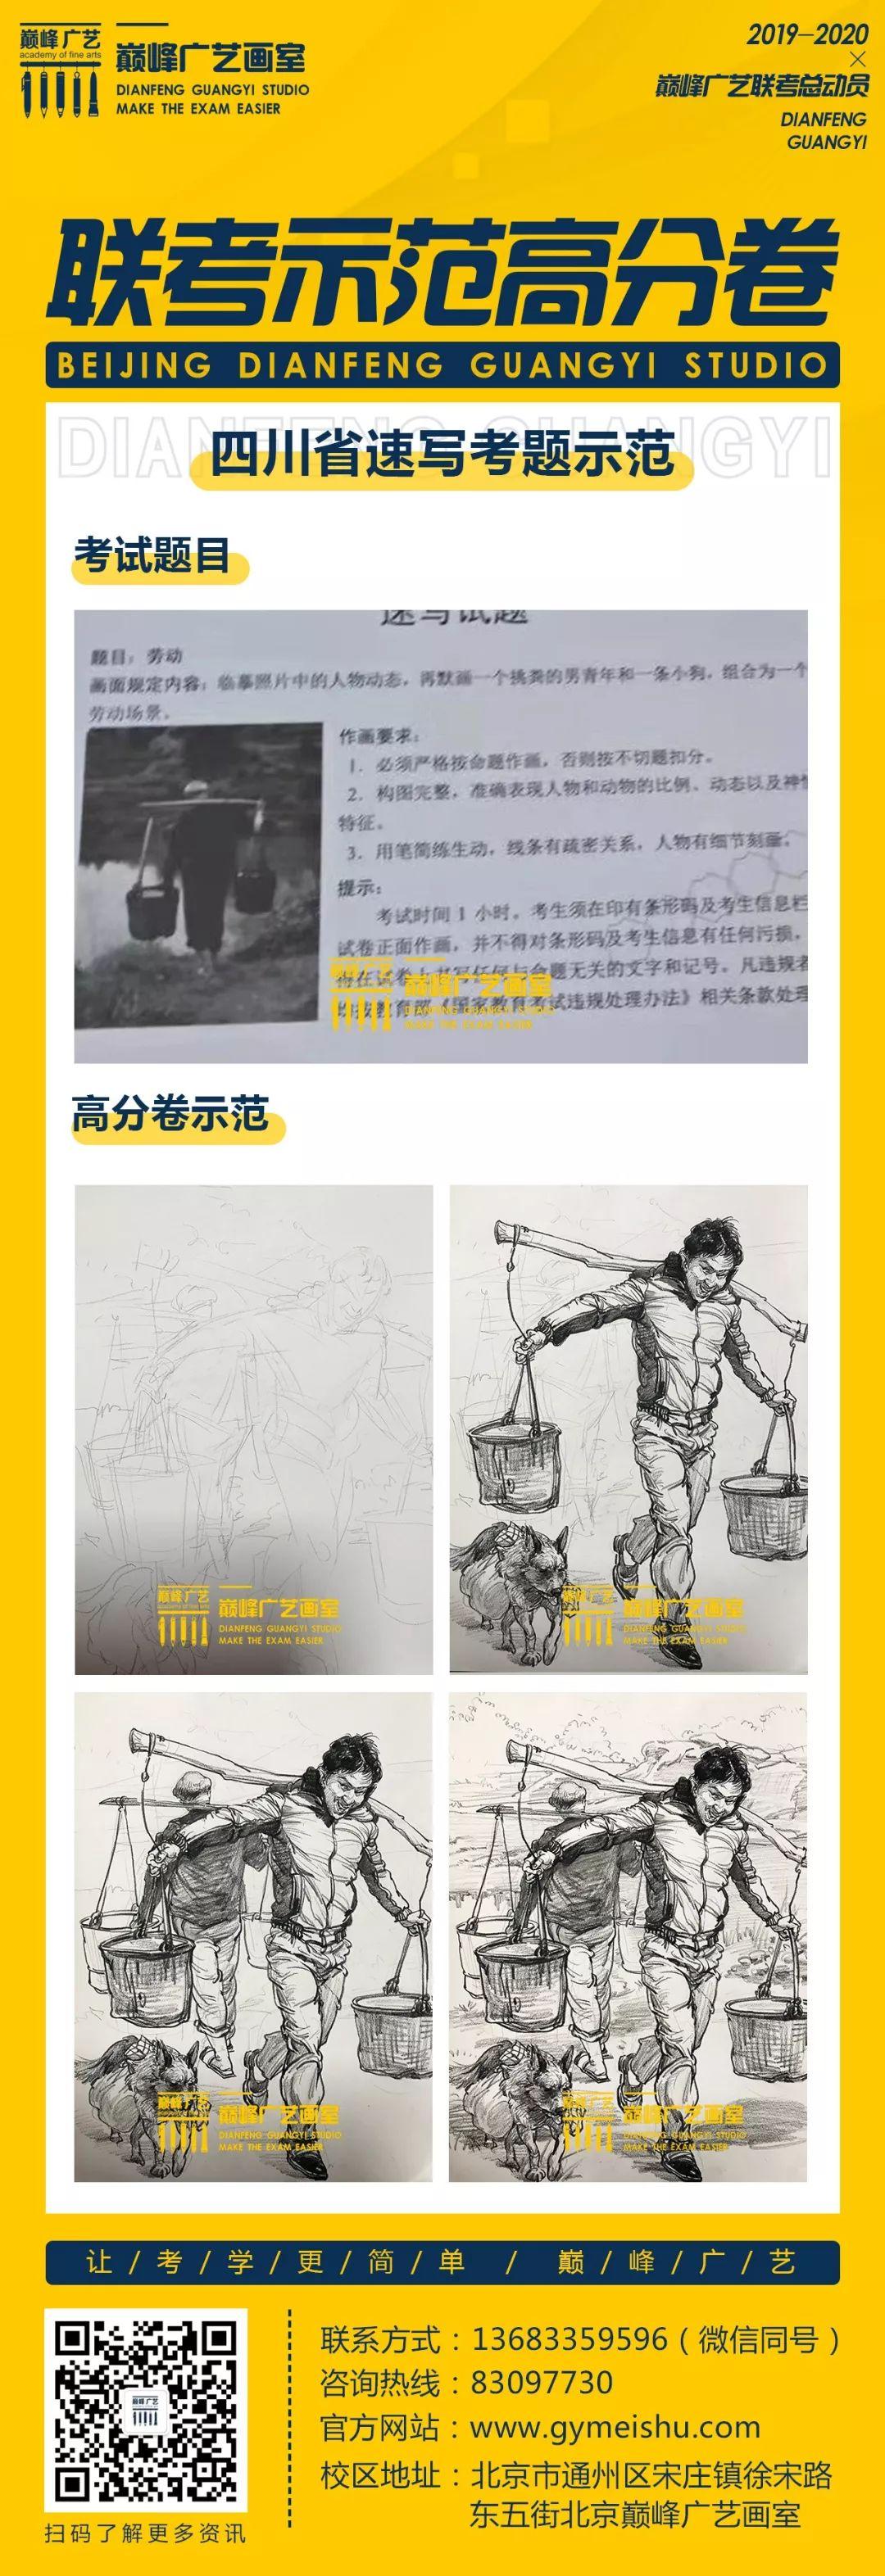 美术联考战绩,北京巅峰广艺画室,北京美术联考      11